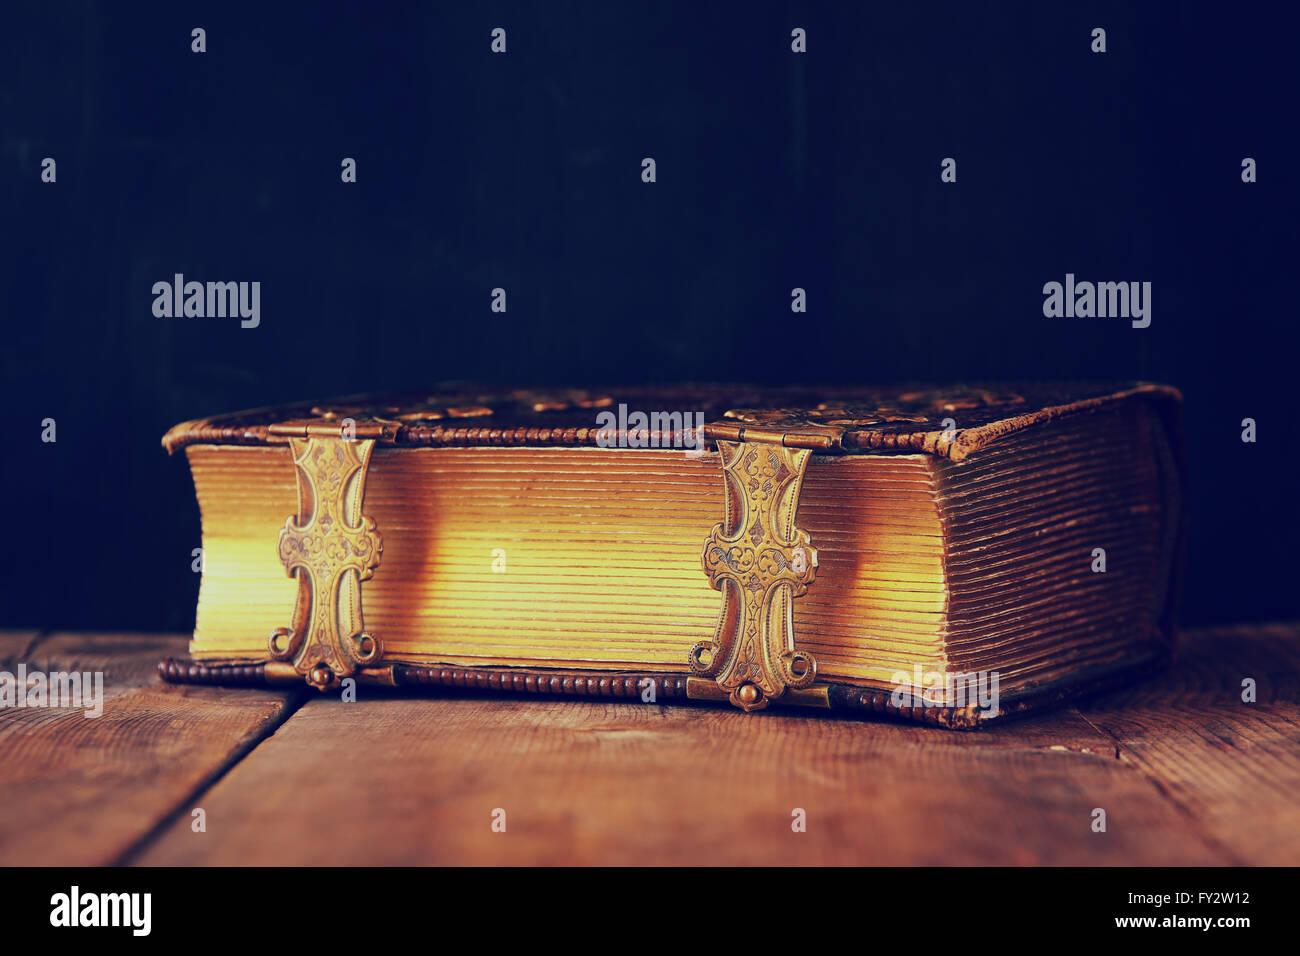 Imagen de clave baja del libro de cuentos antiguos. vintage filtra el enfoque selectivo. Imagen De Stock